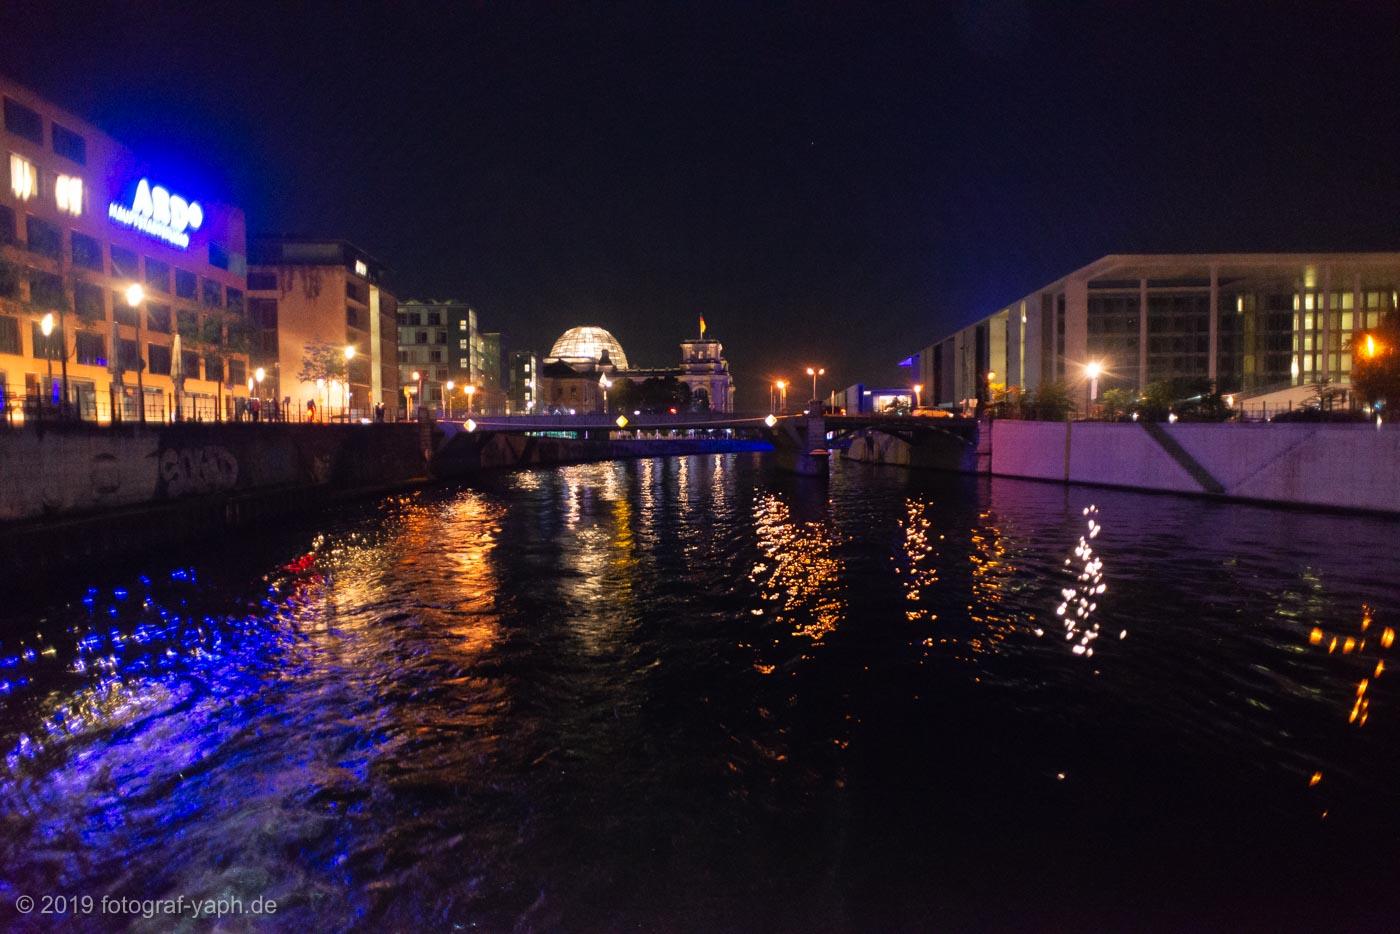 Eine Schifffahrt am Abend auf der Spree in Berlin zeigt viele Sehenswürdigkeiten wie das Reichstagsgebäude oder das ARD Hauptstadtstudio.